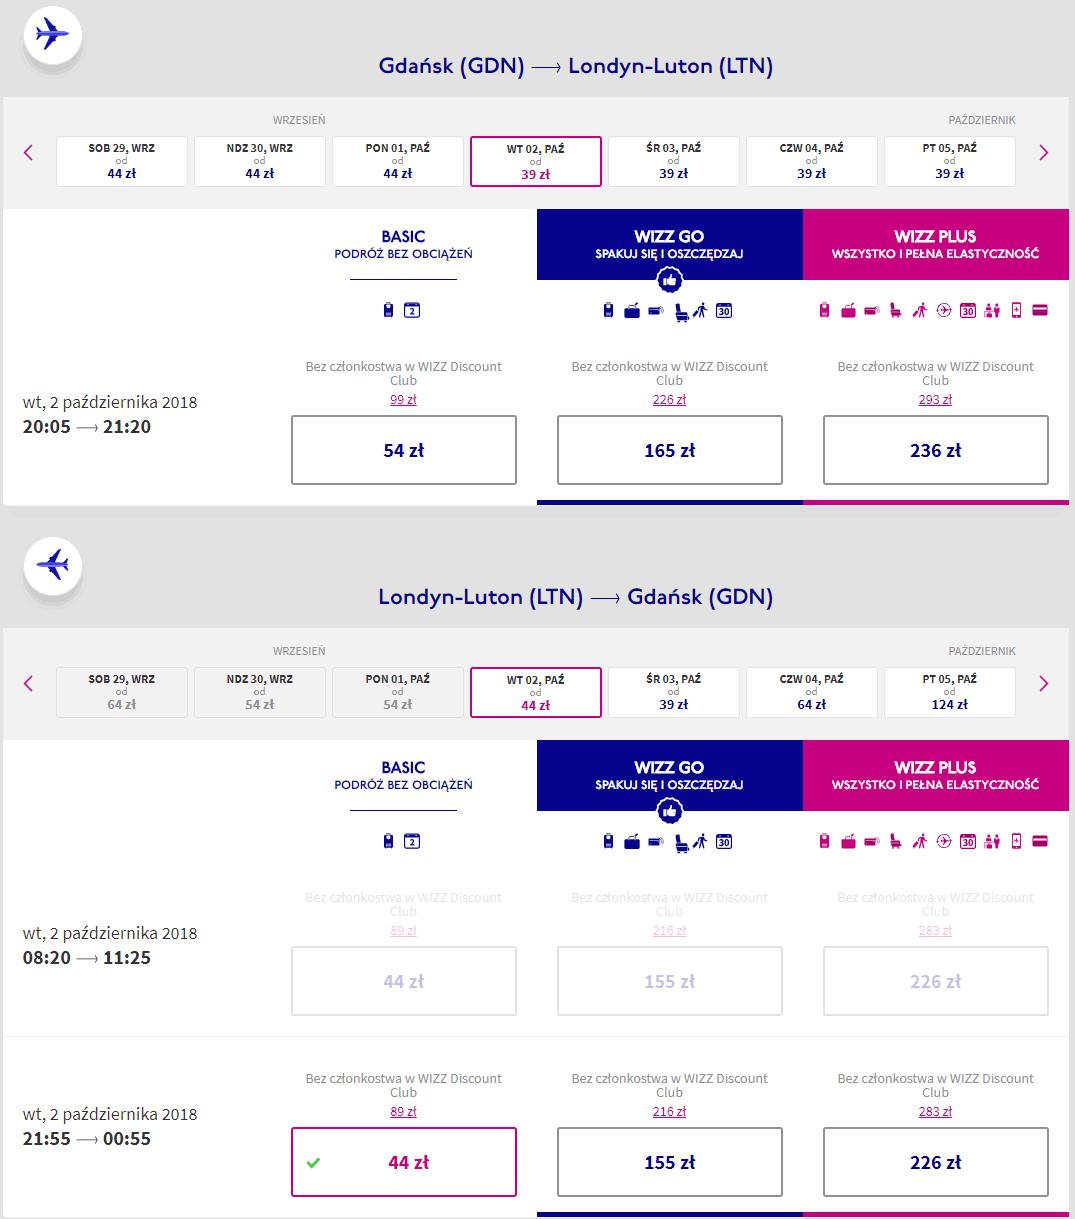 rezerwacja lotów z gdańska do londynu